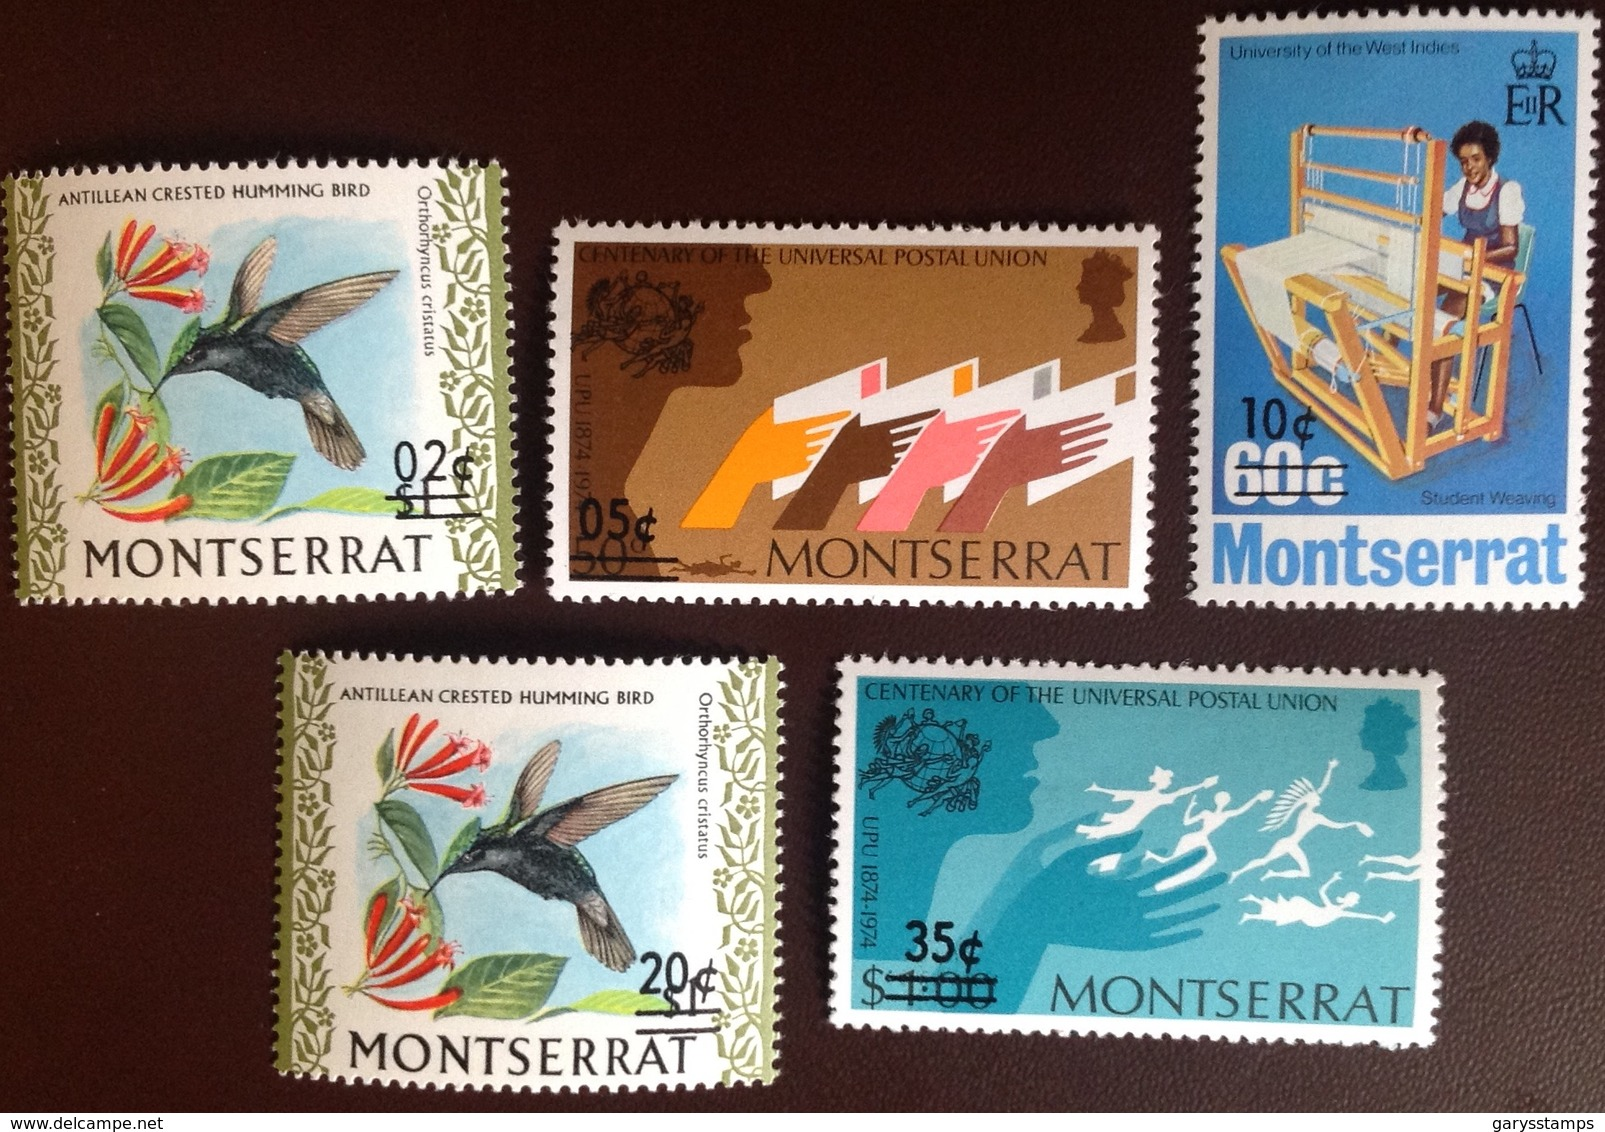 Montserrat 1974 Provisionals Surcharges Set Birds MNH - Montserrat